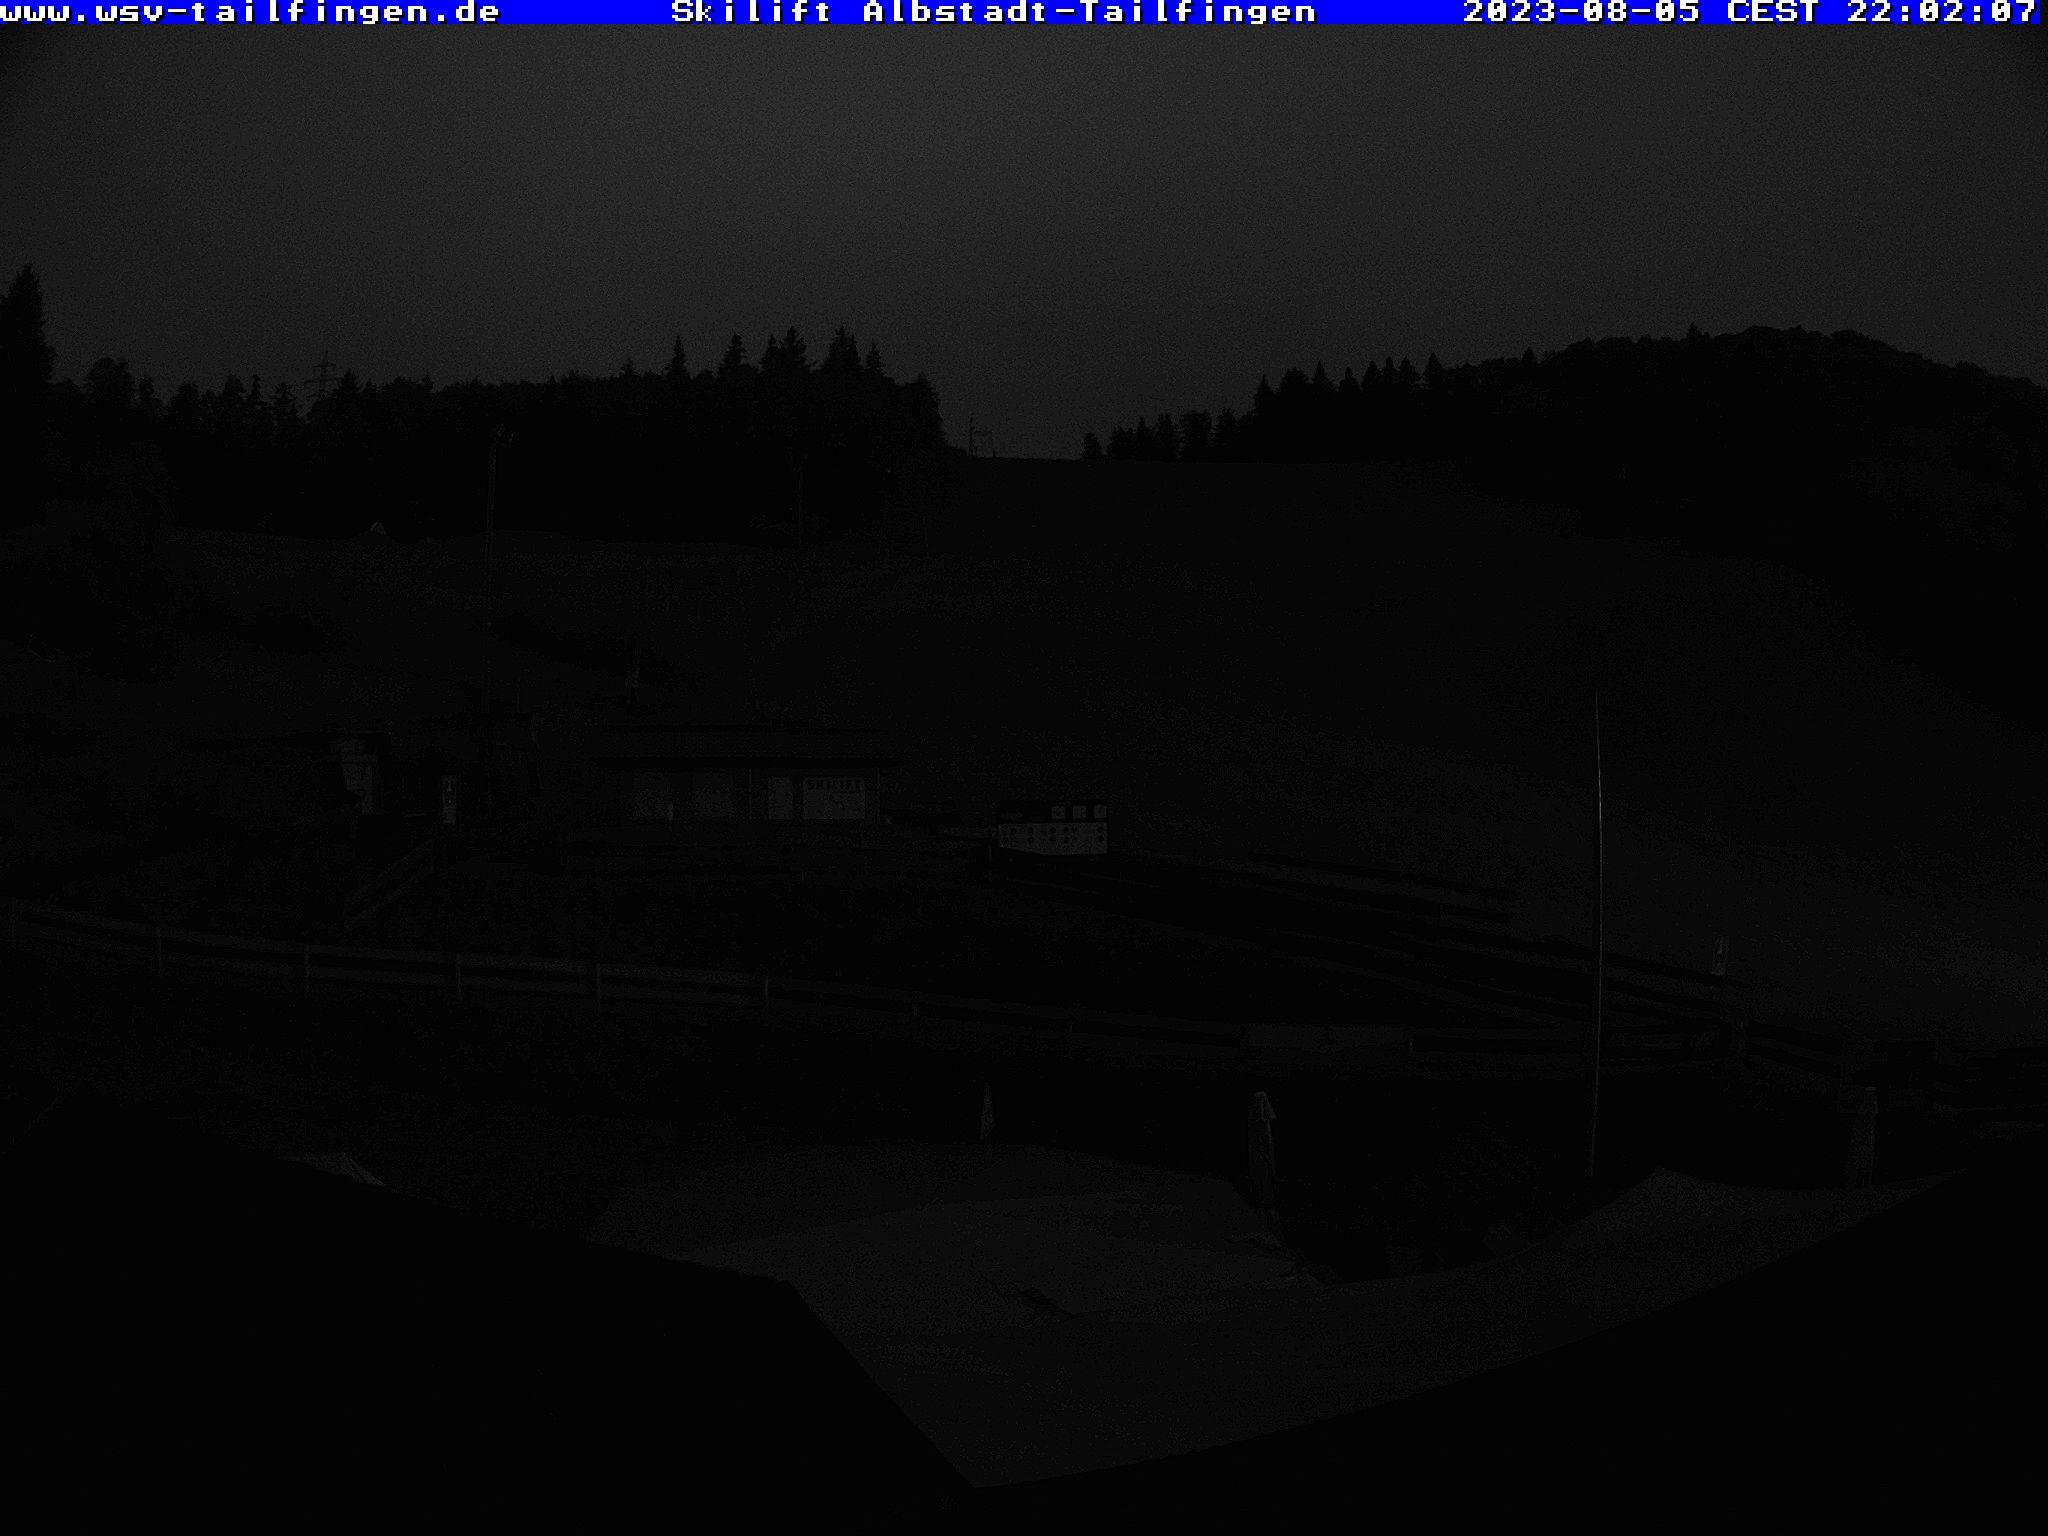 Webcam Skigebiet Albstadt - Tailfingen cam 2 - Schwäbische Alb